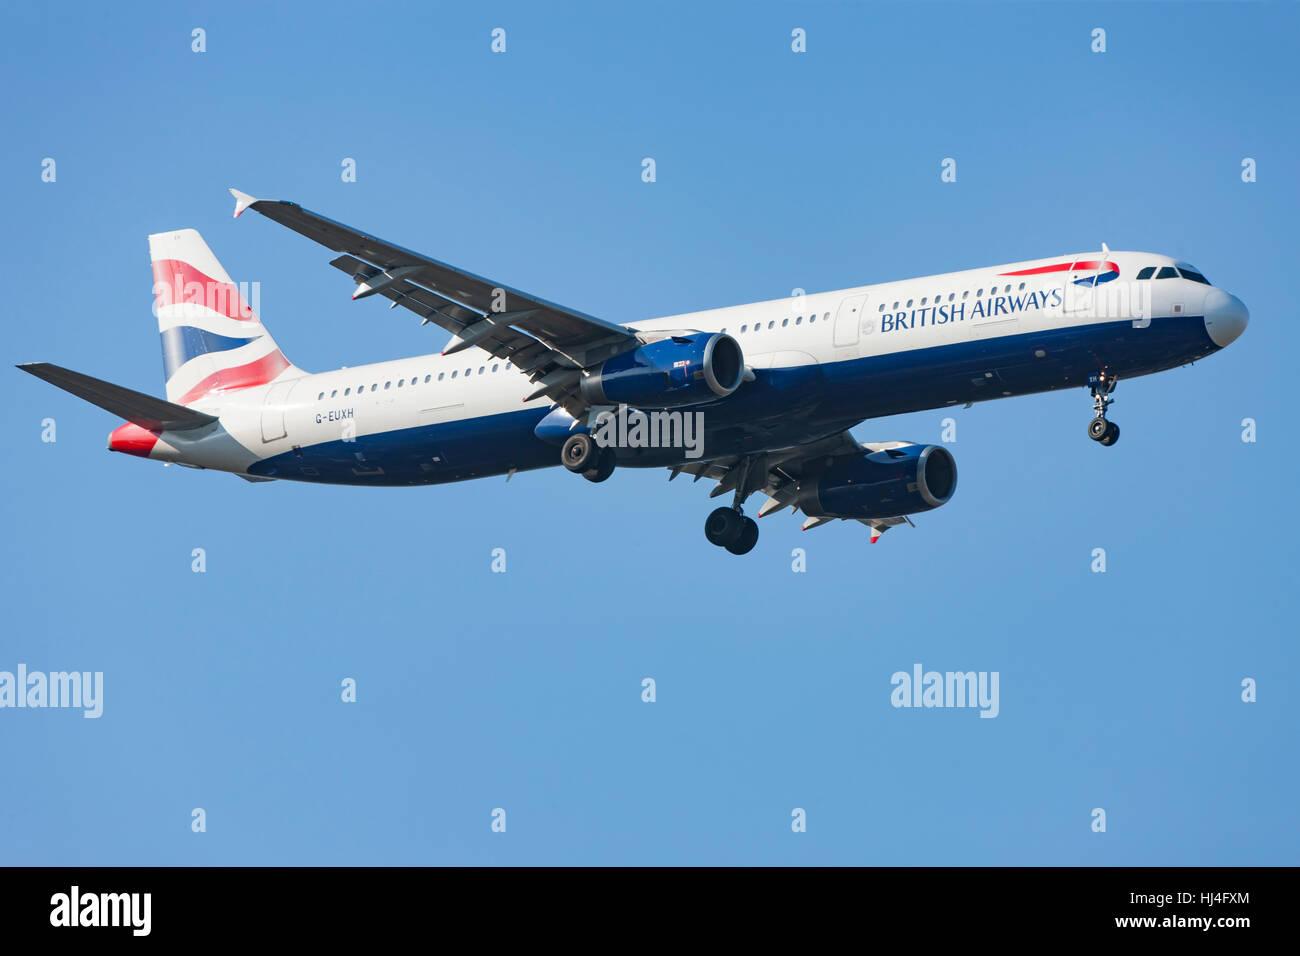 Avión de British Airways en vuelo, avión, avión, cielo azul Imagen De Stock